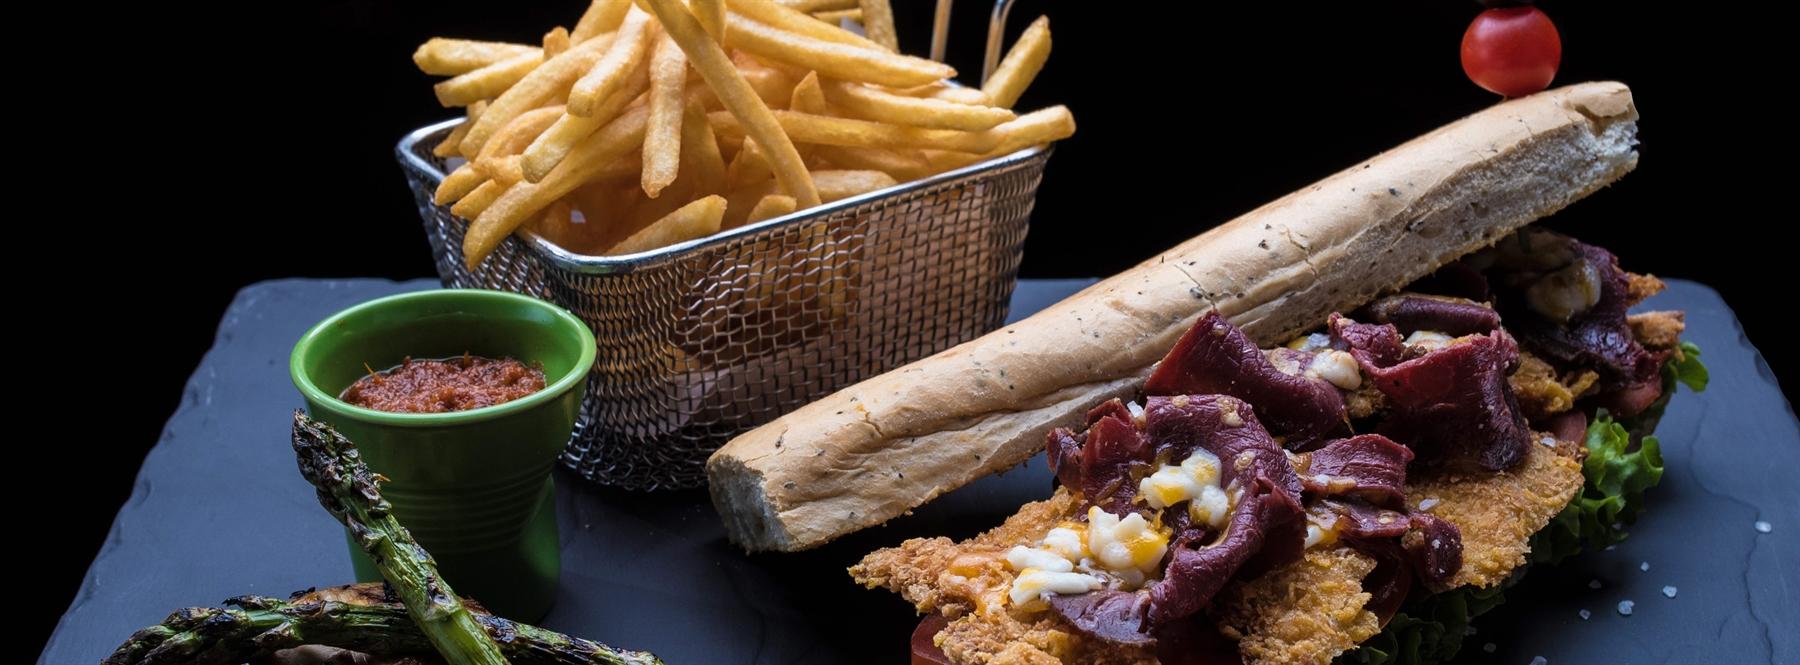 Chicken Pastrami Sandwich